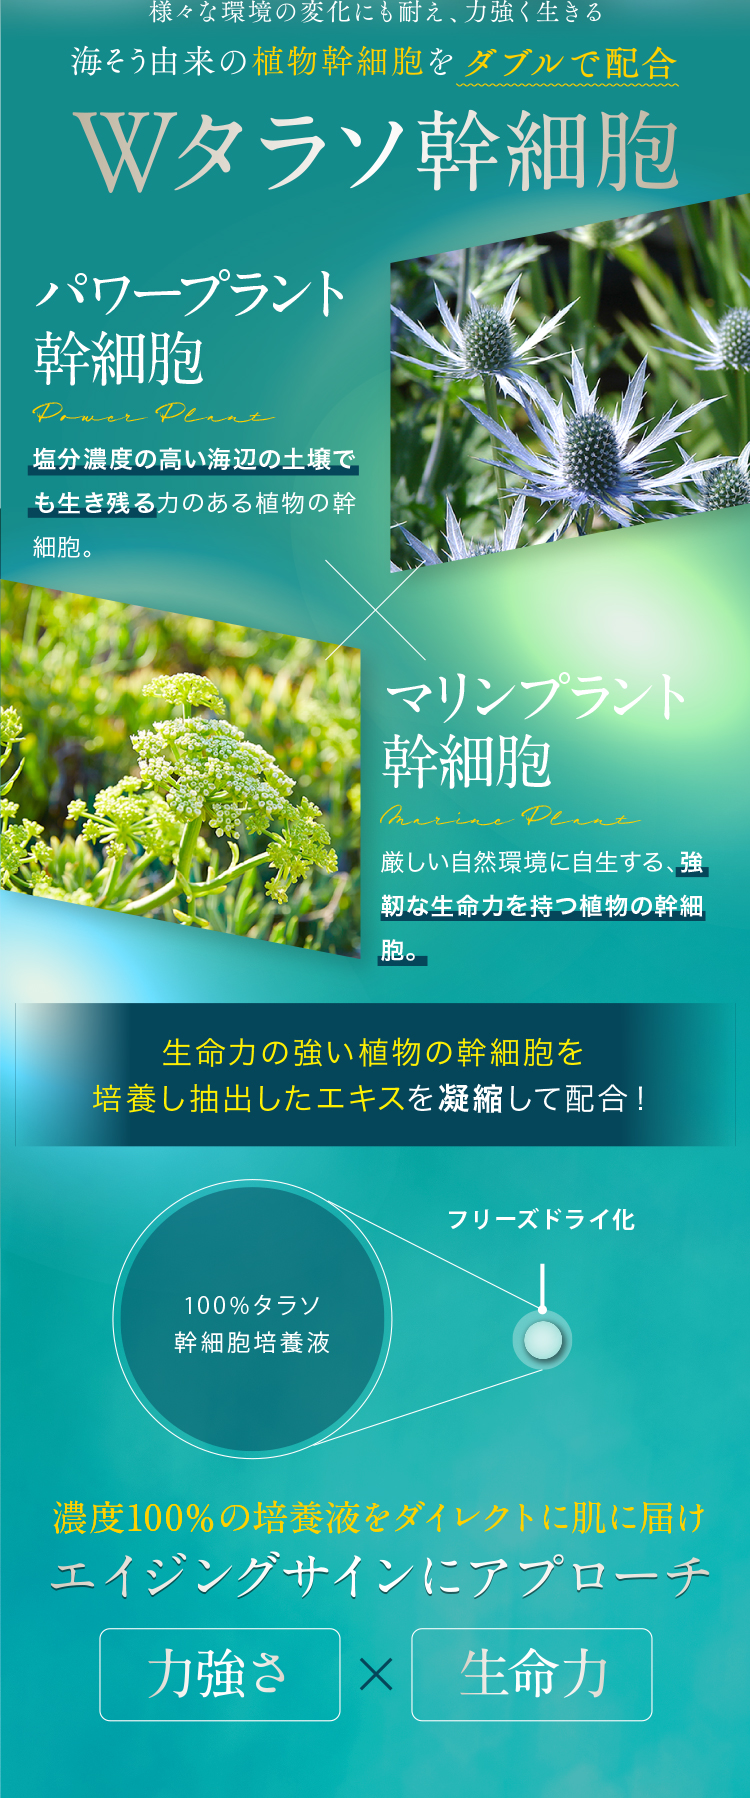 「植物幹細胞」とは